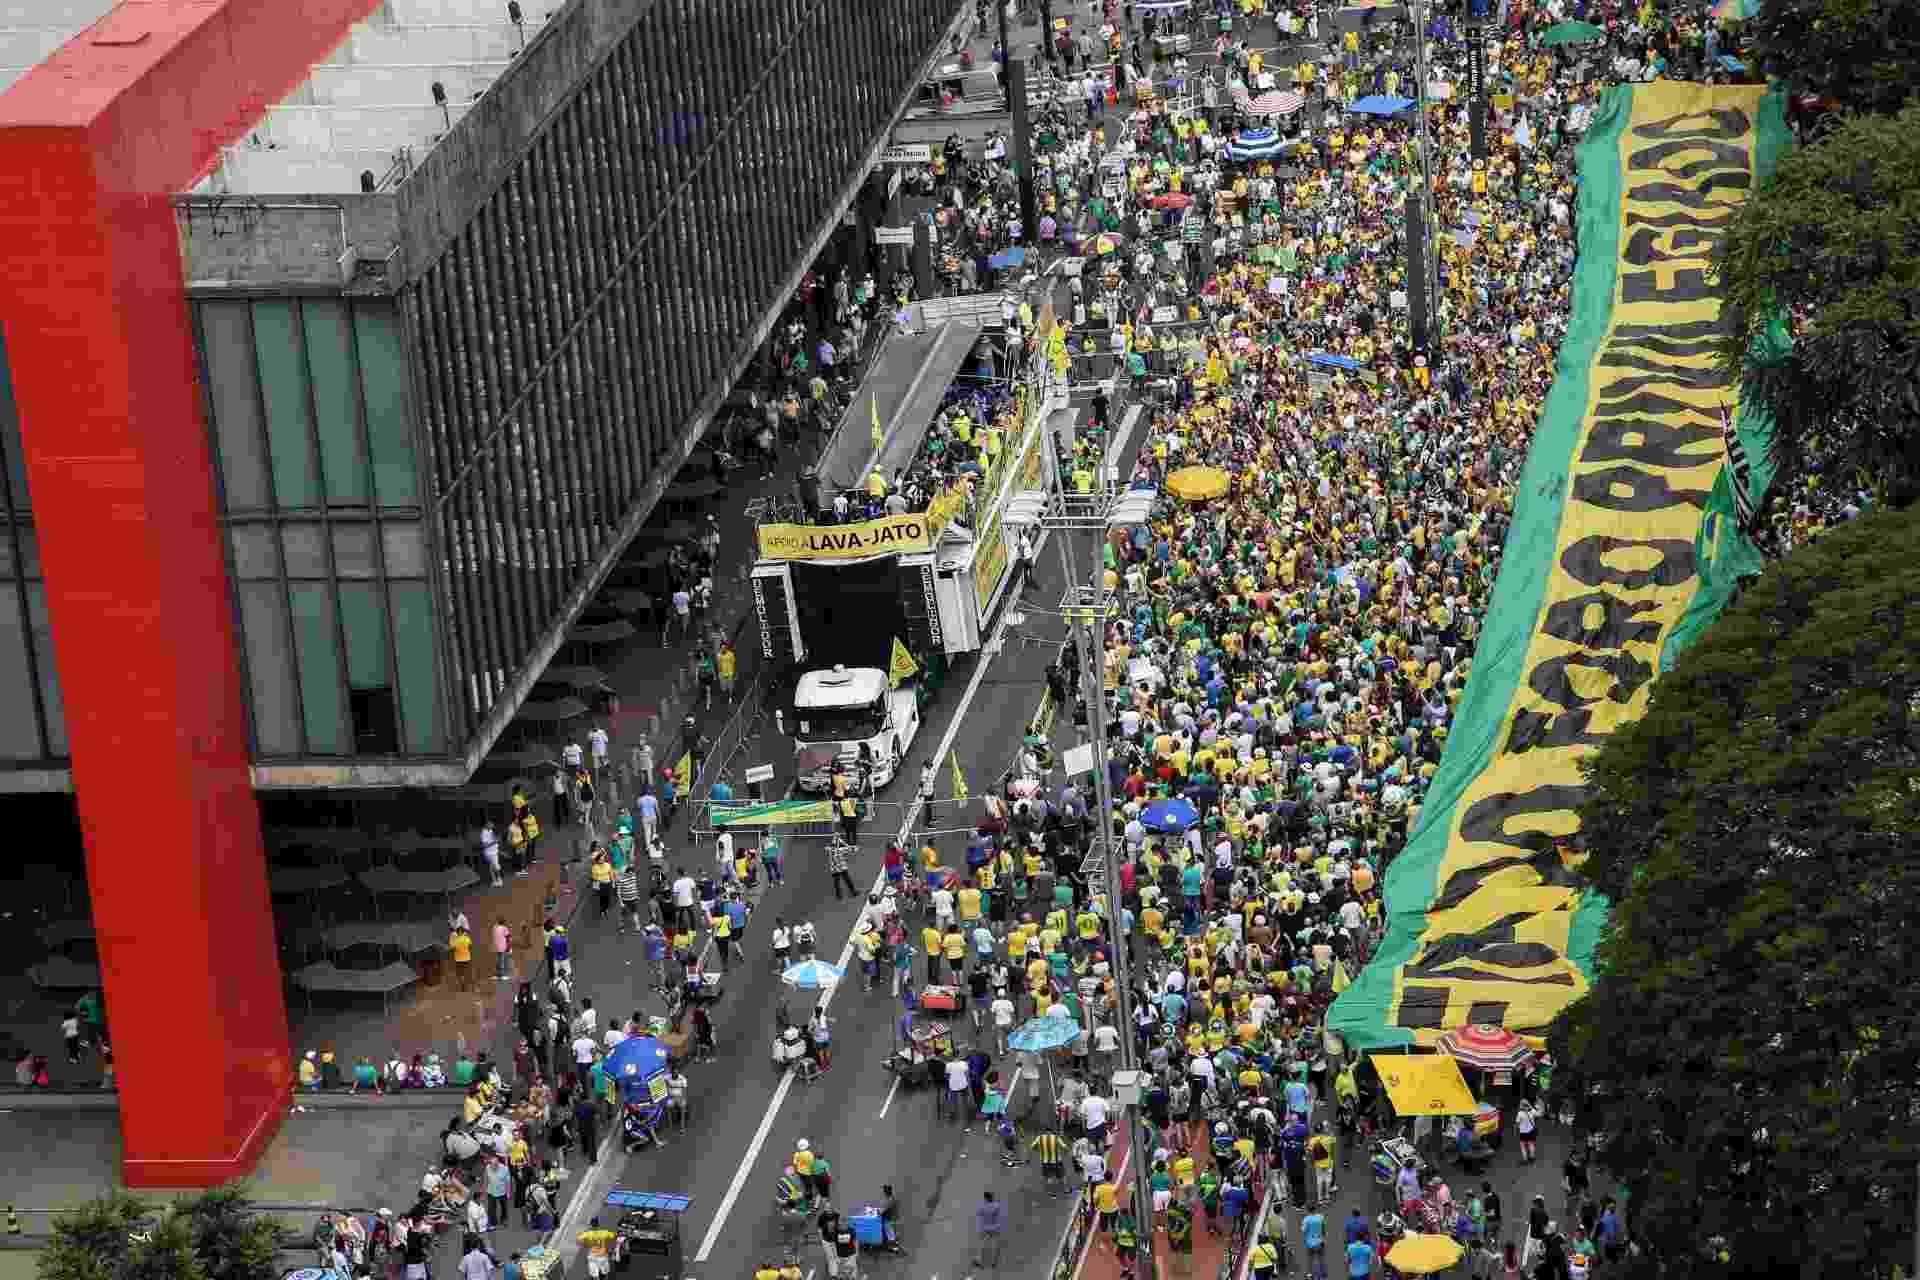 Manifestantes com faixa que pede o fim do foro privilegiado em ato na av. Paulista - Amanda Perobelli/Estadão Conteúdo